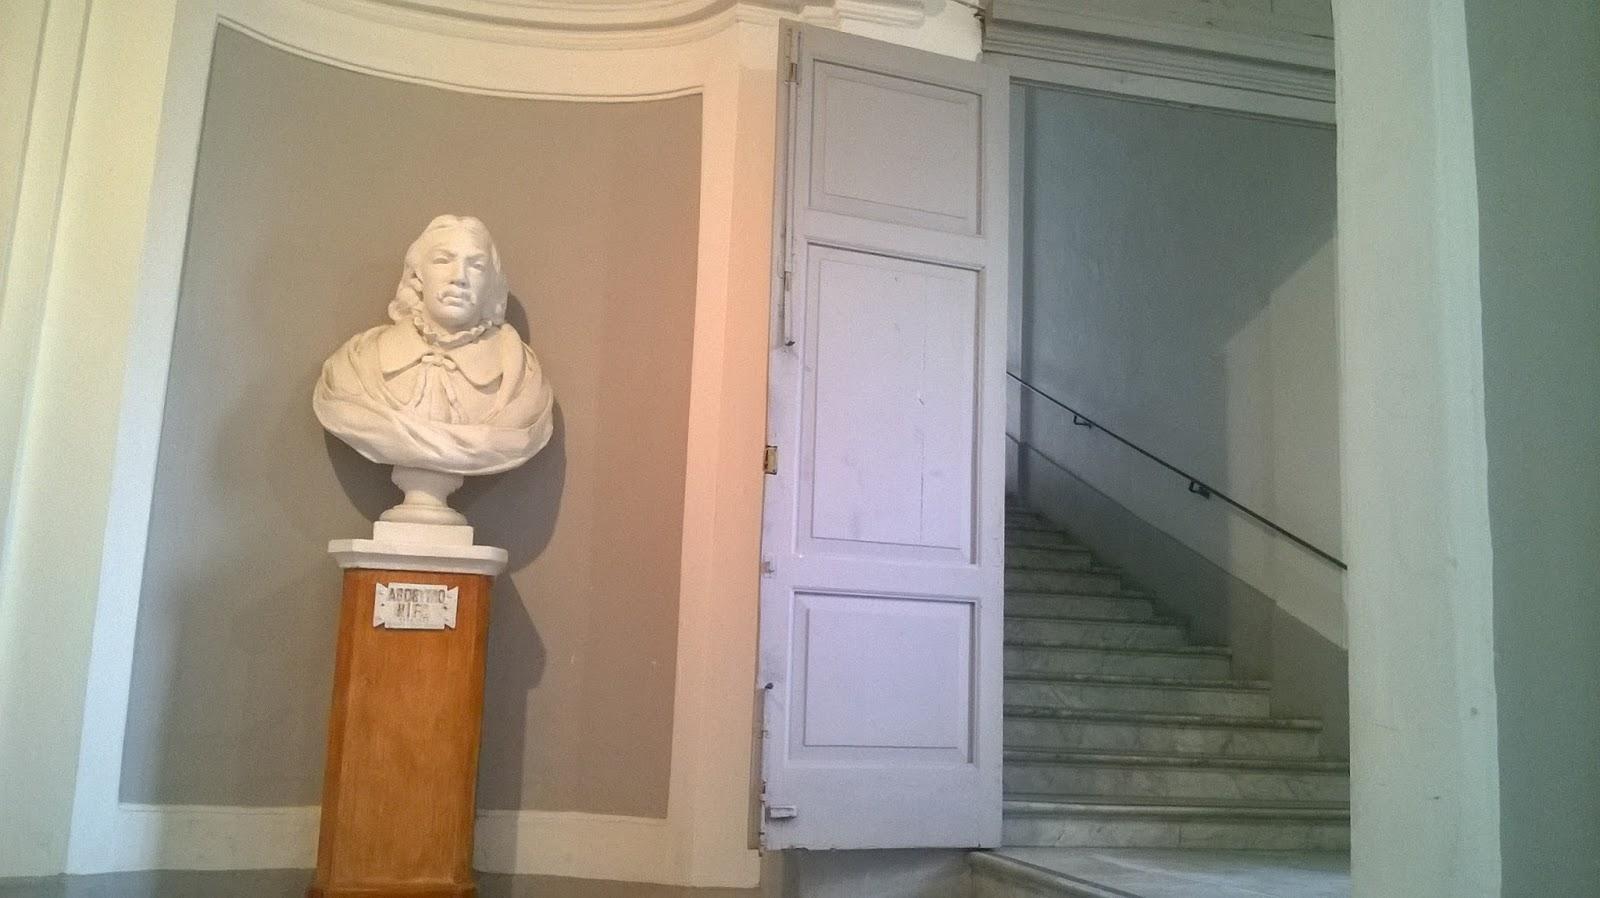 Busto di Agostino Nifo, presente nel Convitto Nazionale (Foto di Macronews)